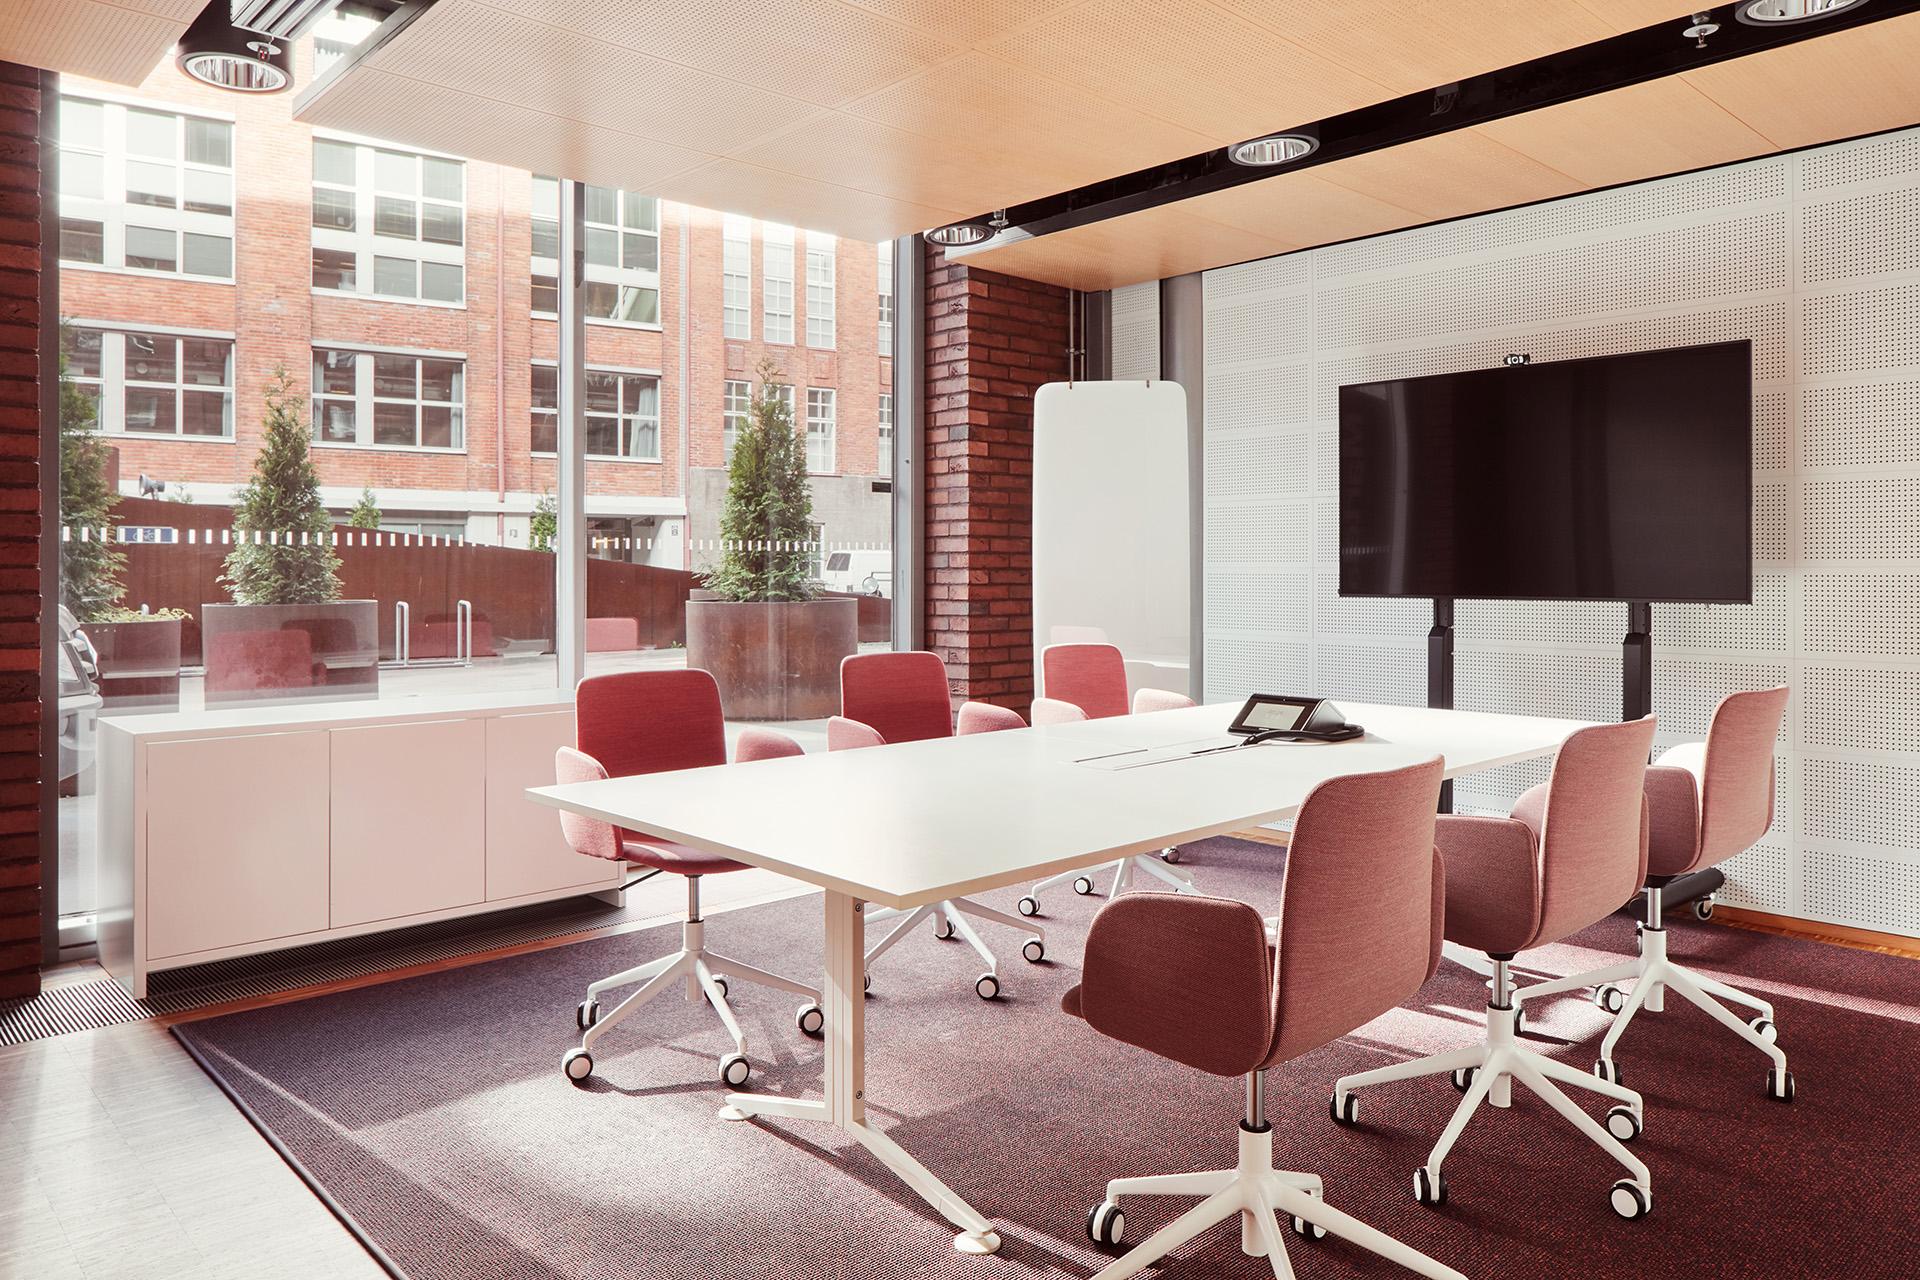 Profit Interiorin sisustusarkkitehti suunnitteli viihtyisän ja toimivan neuvottelutilan.